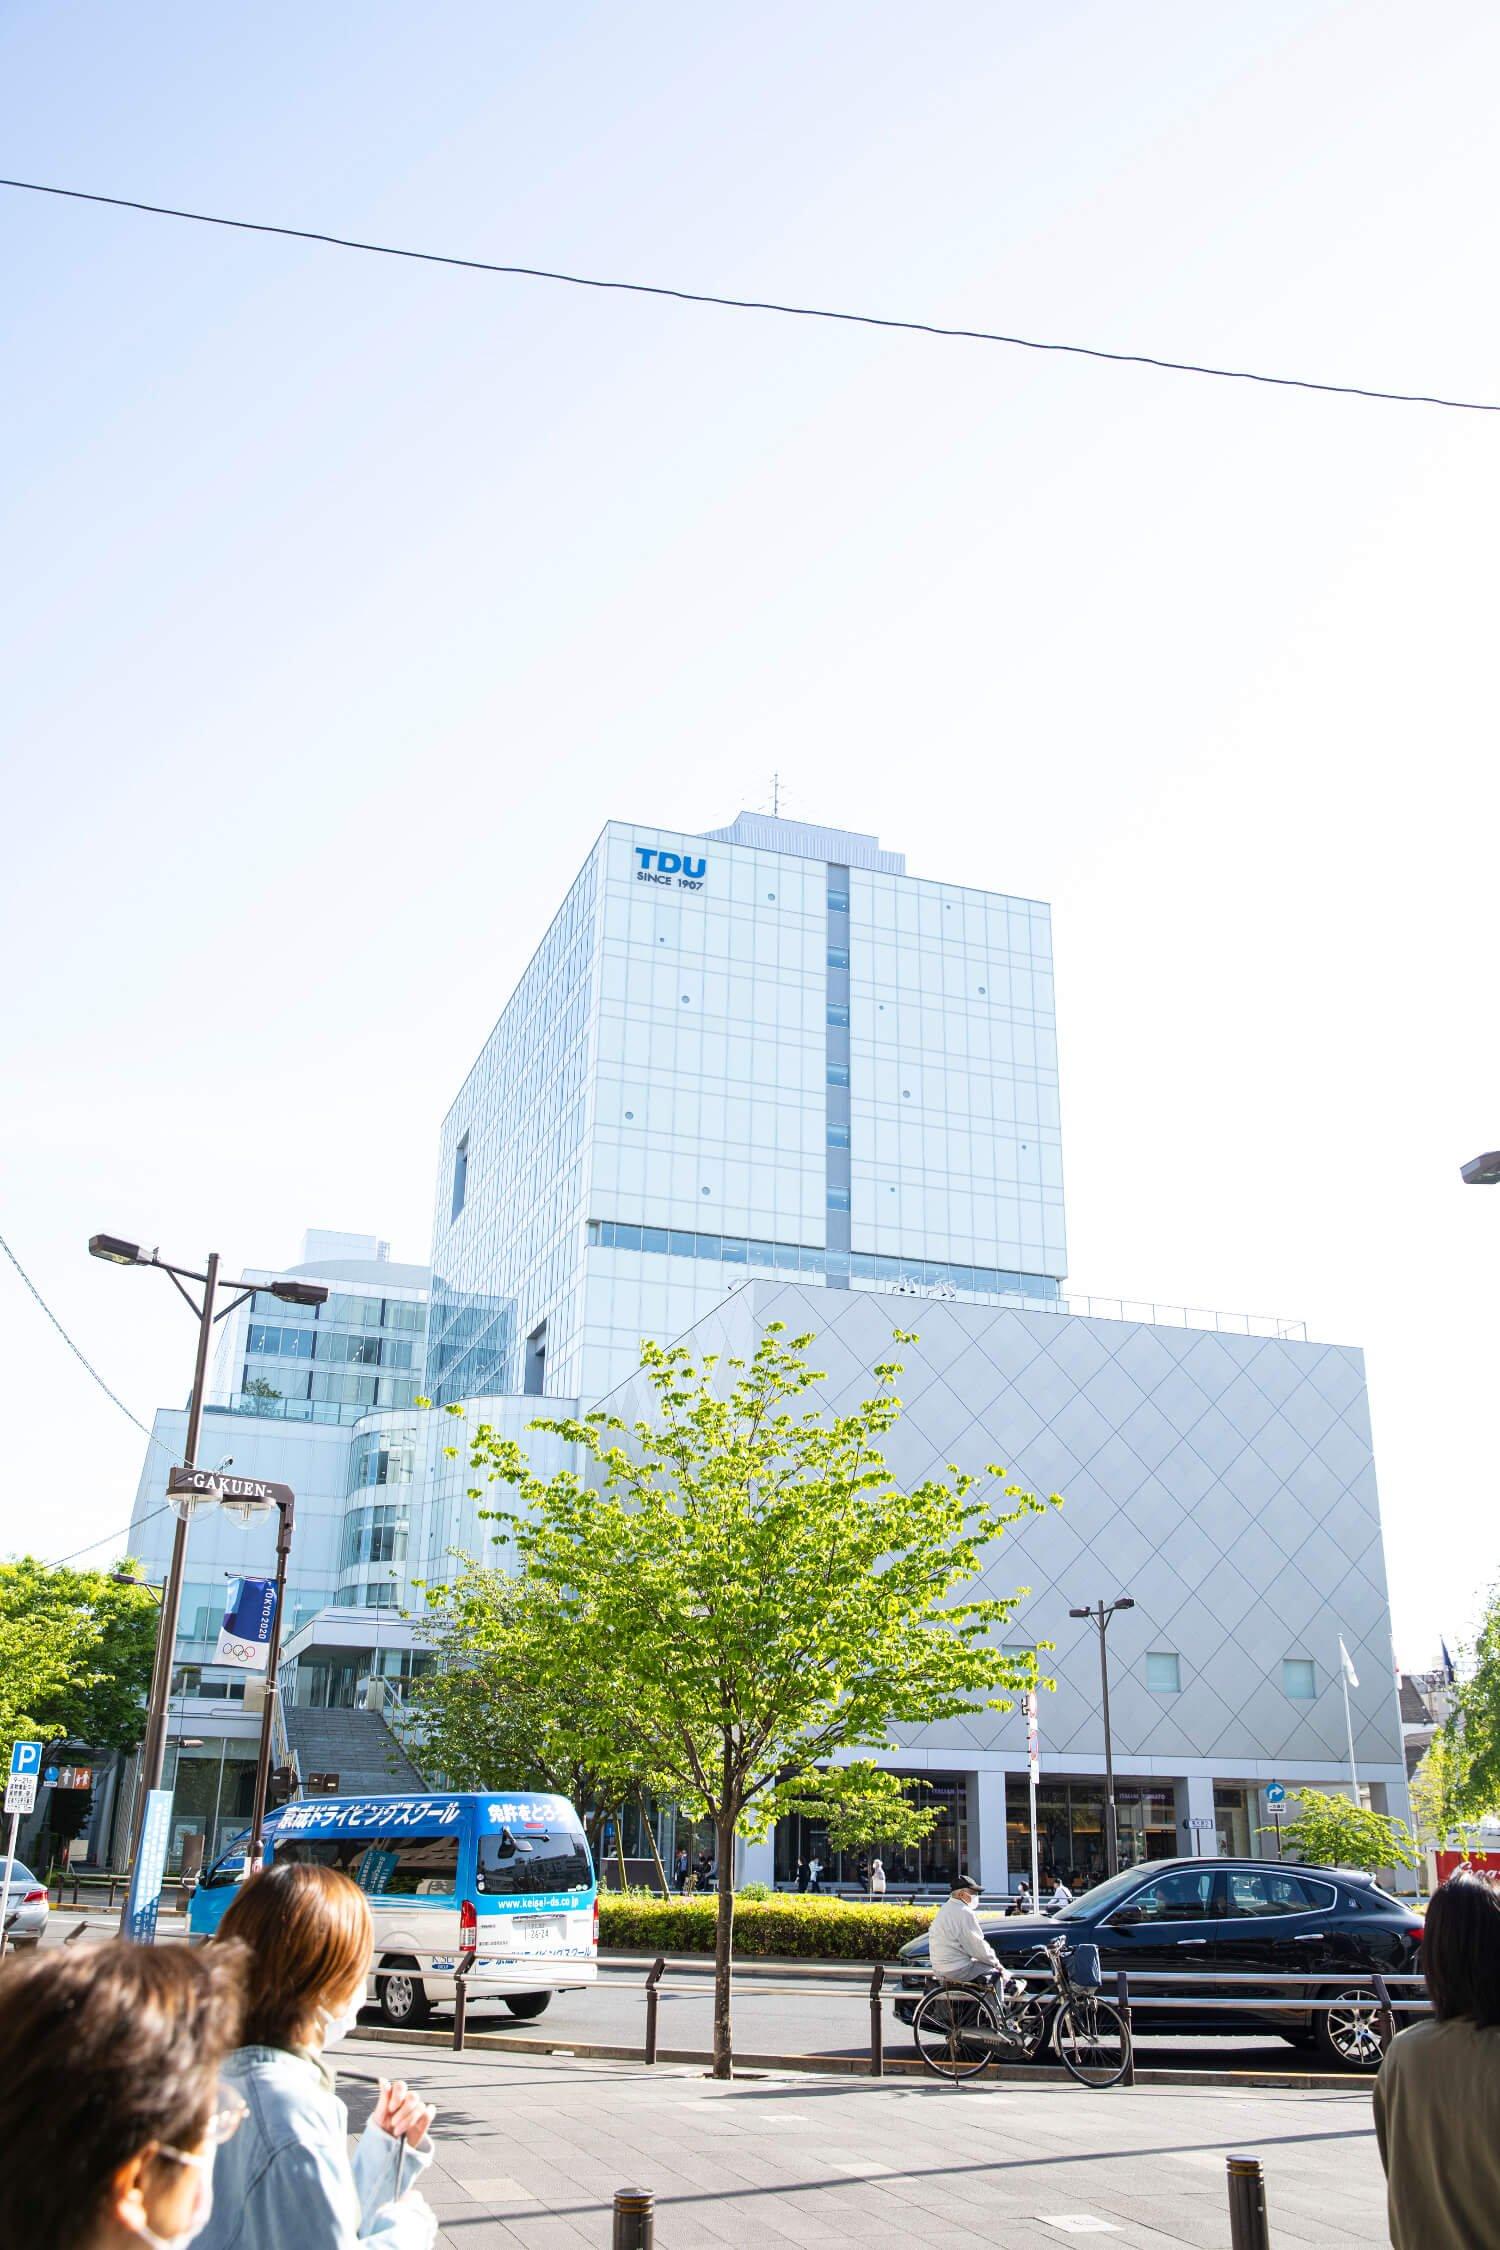 2012年に移転してきた東京電機大学のキャンパスは東口駅前の風景を大きく変えた。